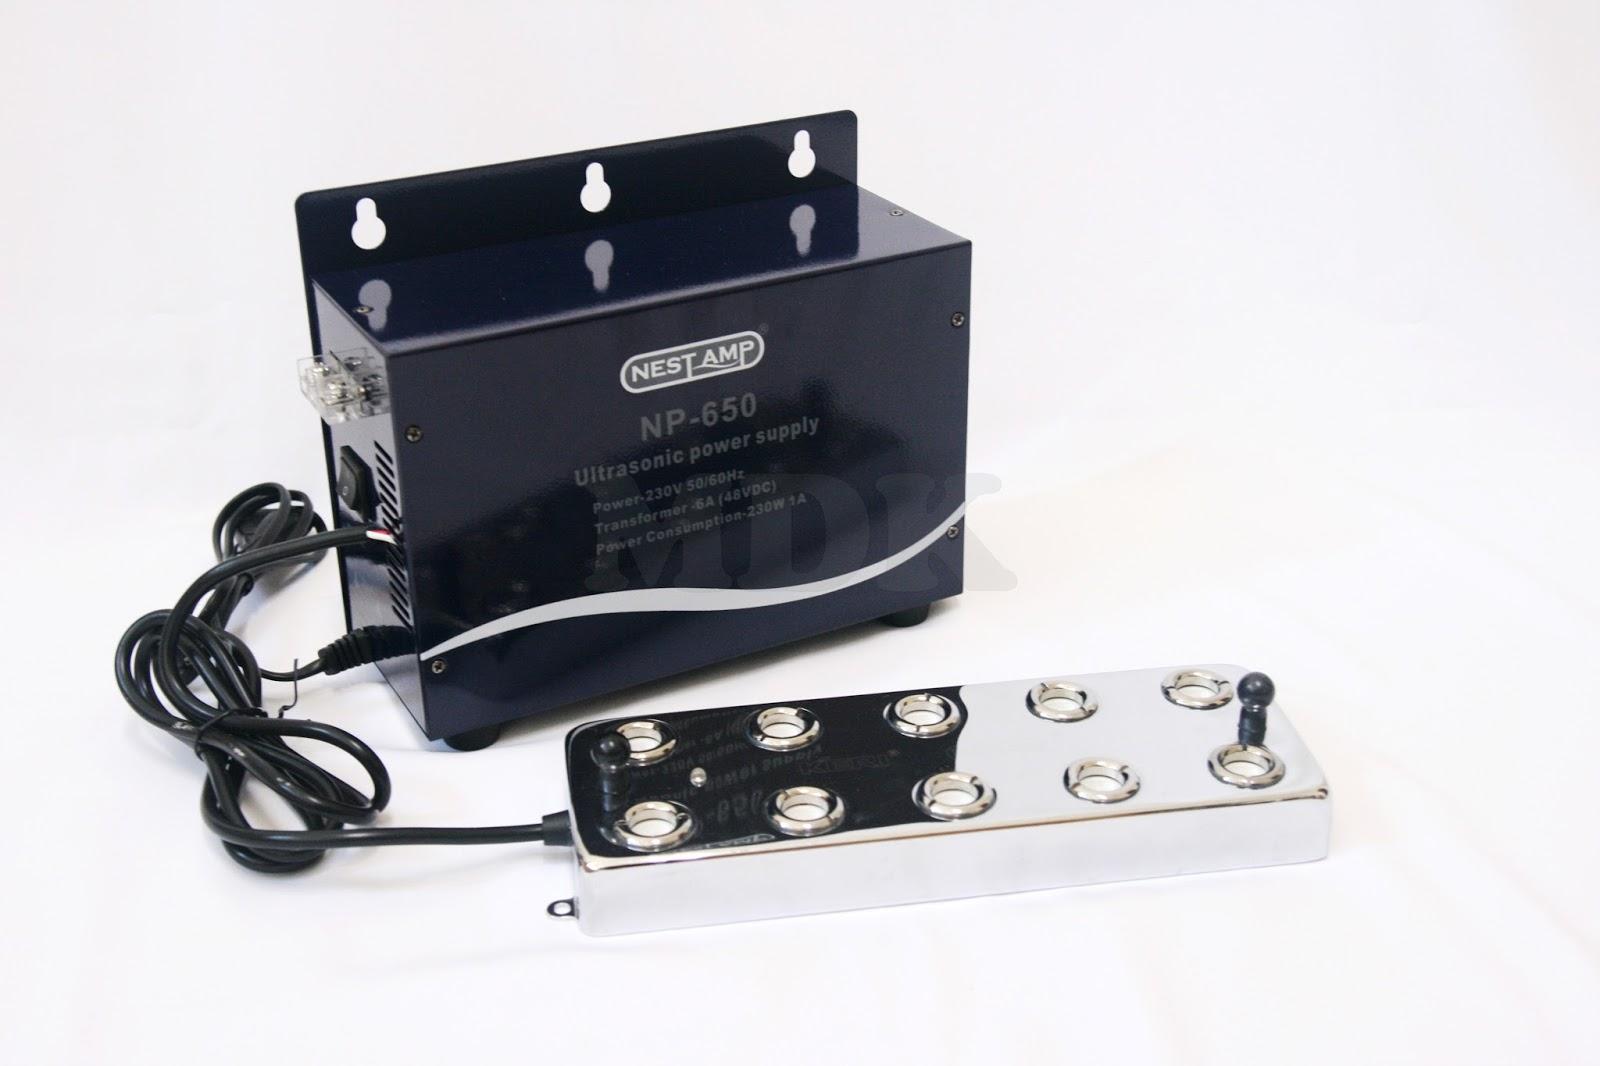 HD06 NEST AMP ULTRASONIC MIST MAKER M 0103  #232630